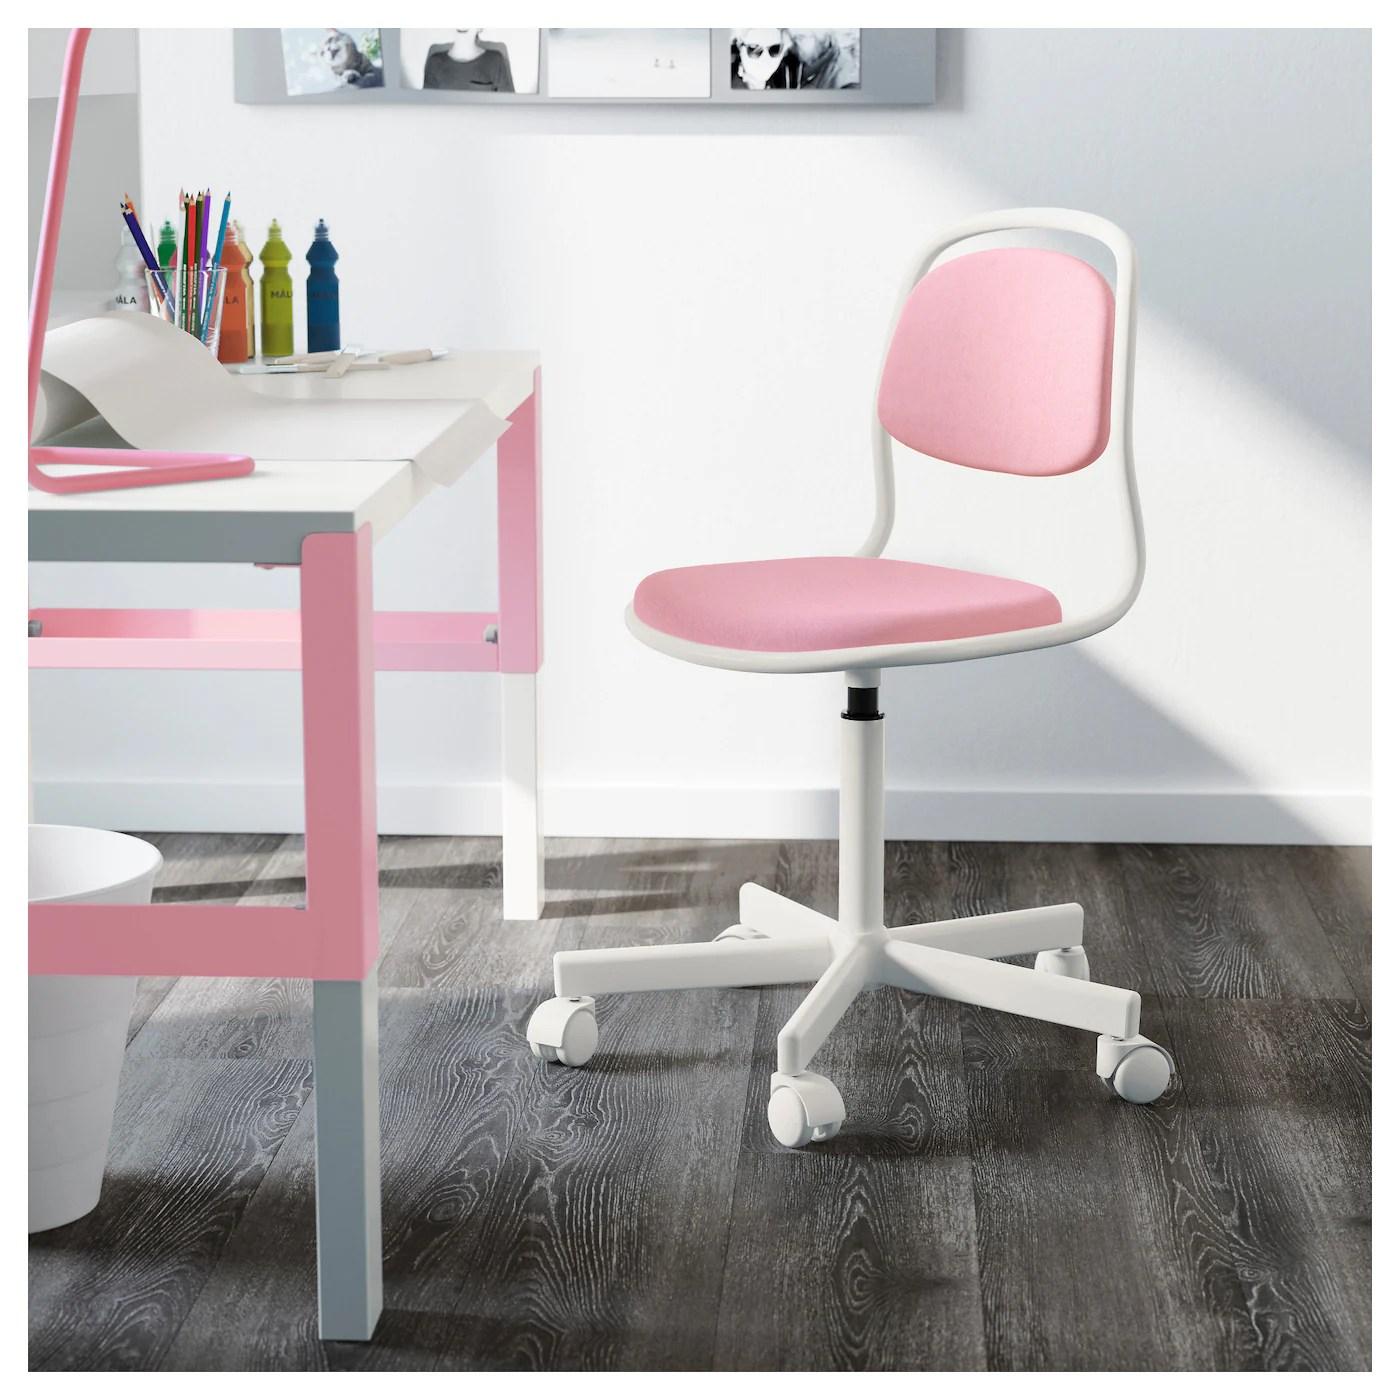 ikea pink desk chair wheelchair parking ÖrfjÄll children 39s white vissle